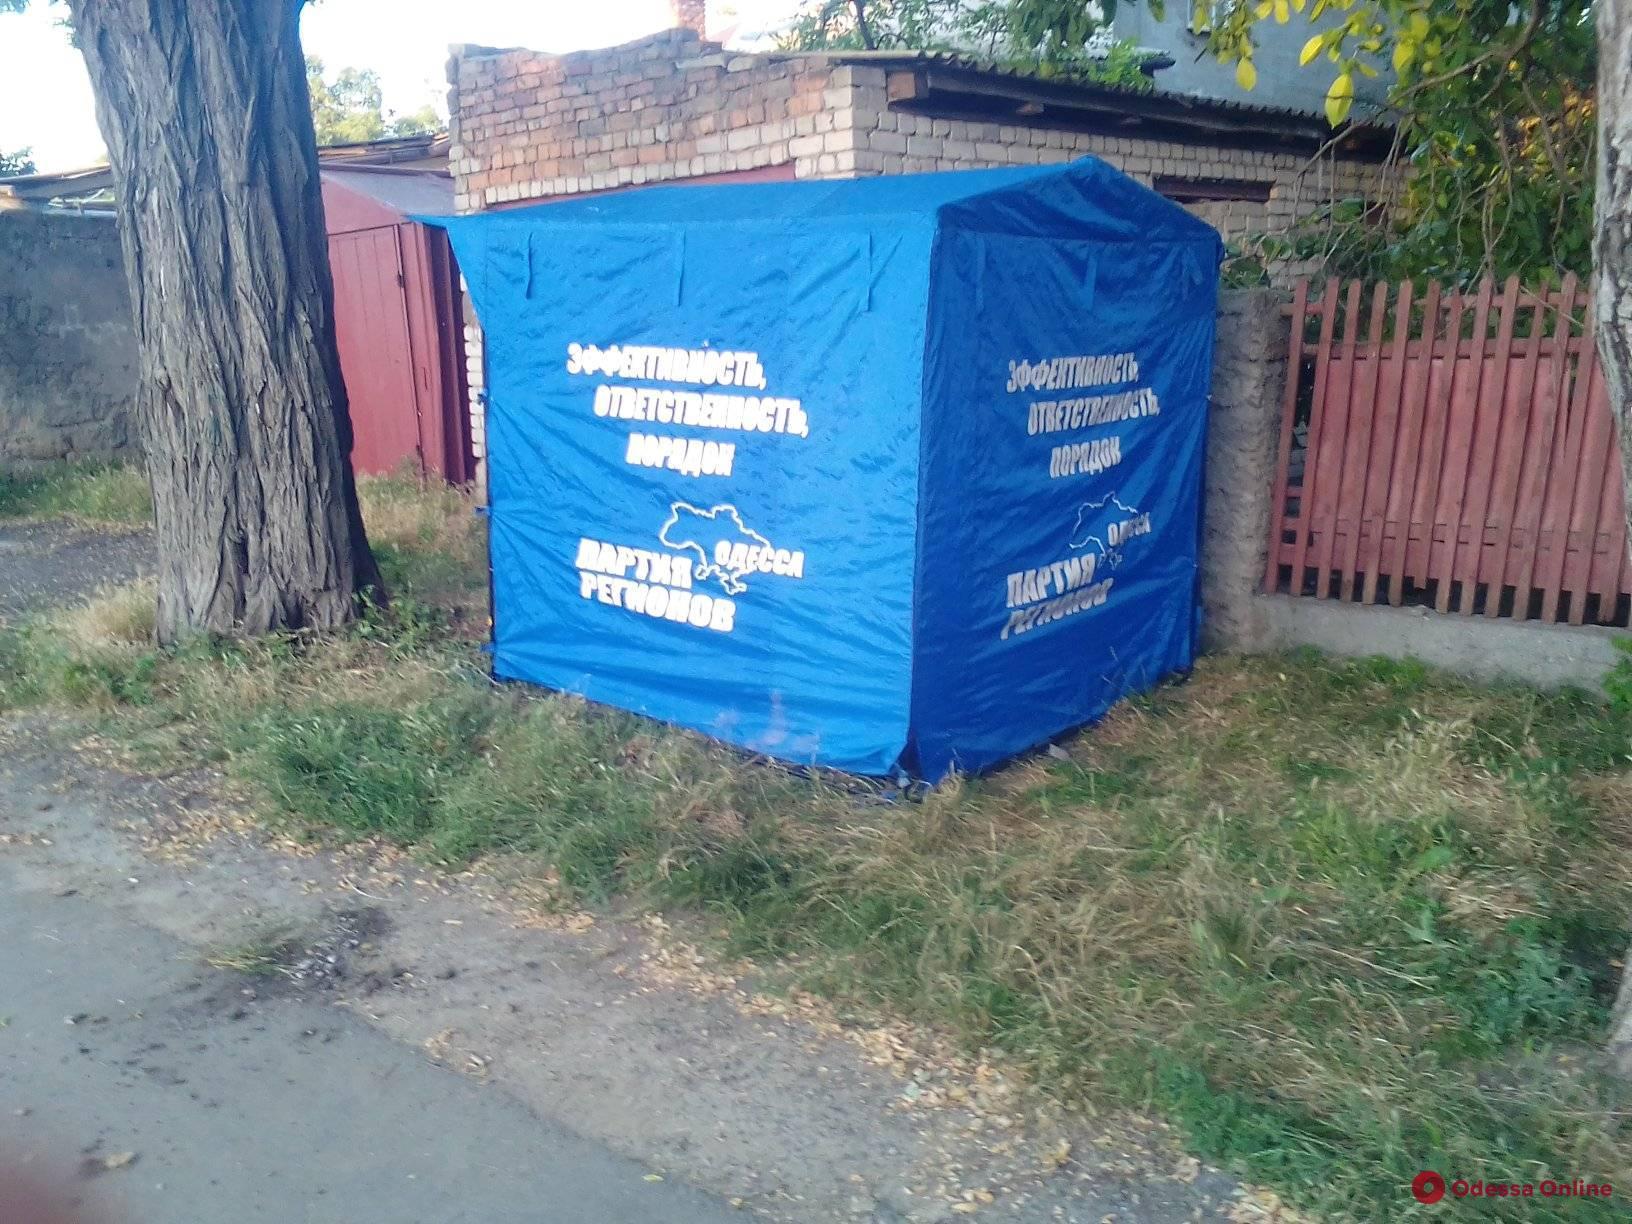 Привет из прошлого: в Одессе установили палатку времен «регионалов» (фотофакт)